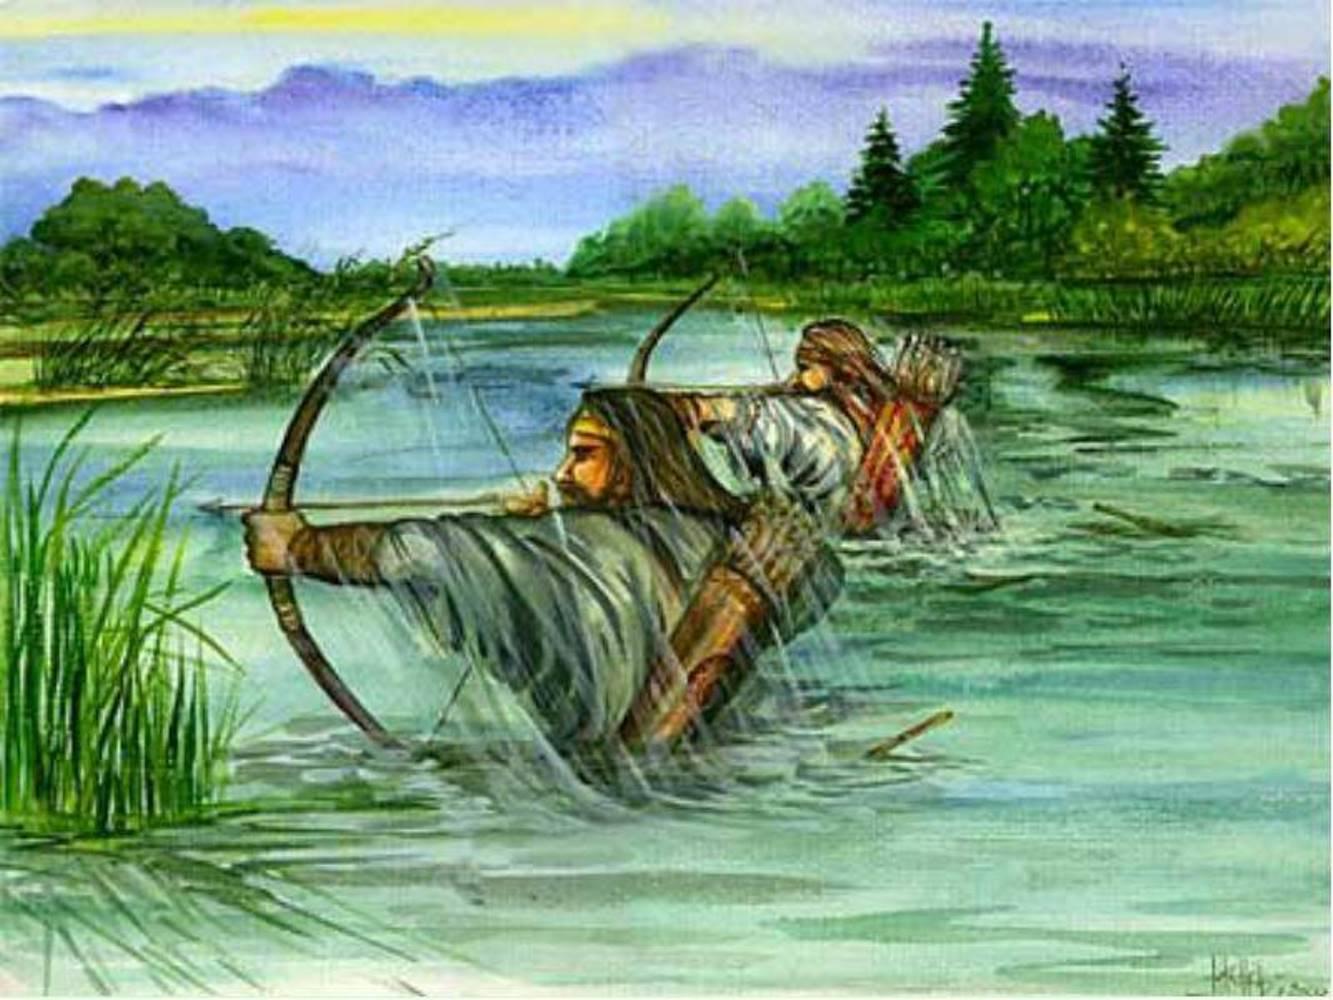 ИЗМИШЉЕНО ДОСЕЉАВАЊЕ СРБА И СЛОВЕНА НА БАЛКАН У 6. И 7. ВЕКУ: 2. део – историјски извори: Прокопије (6. век)